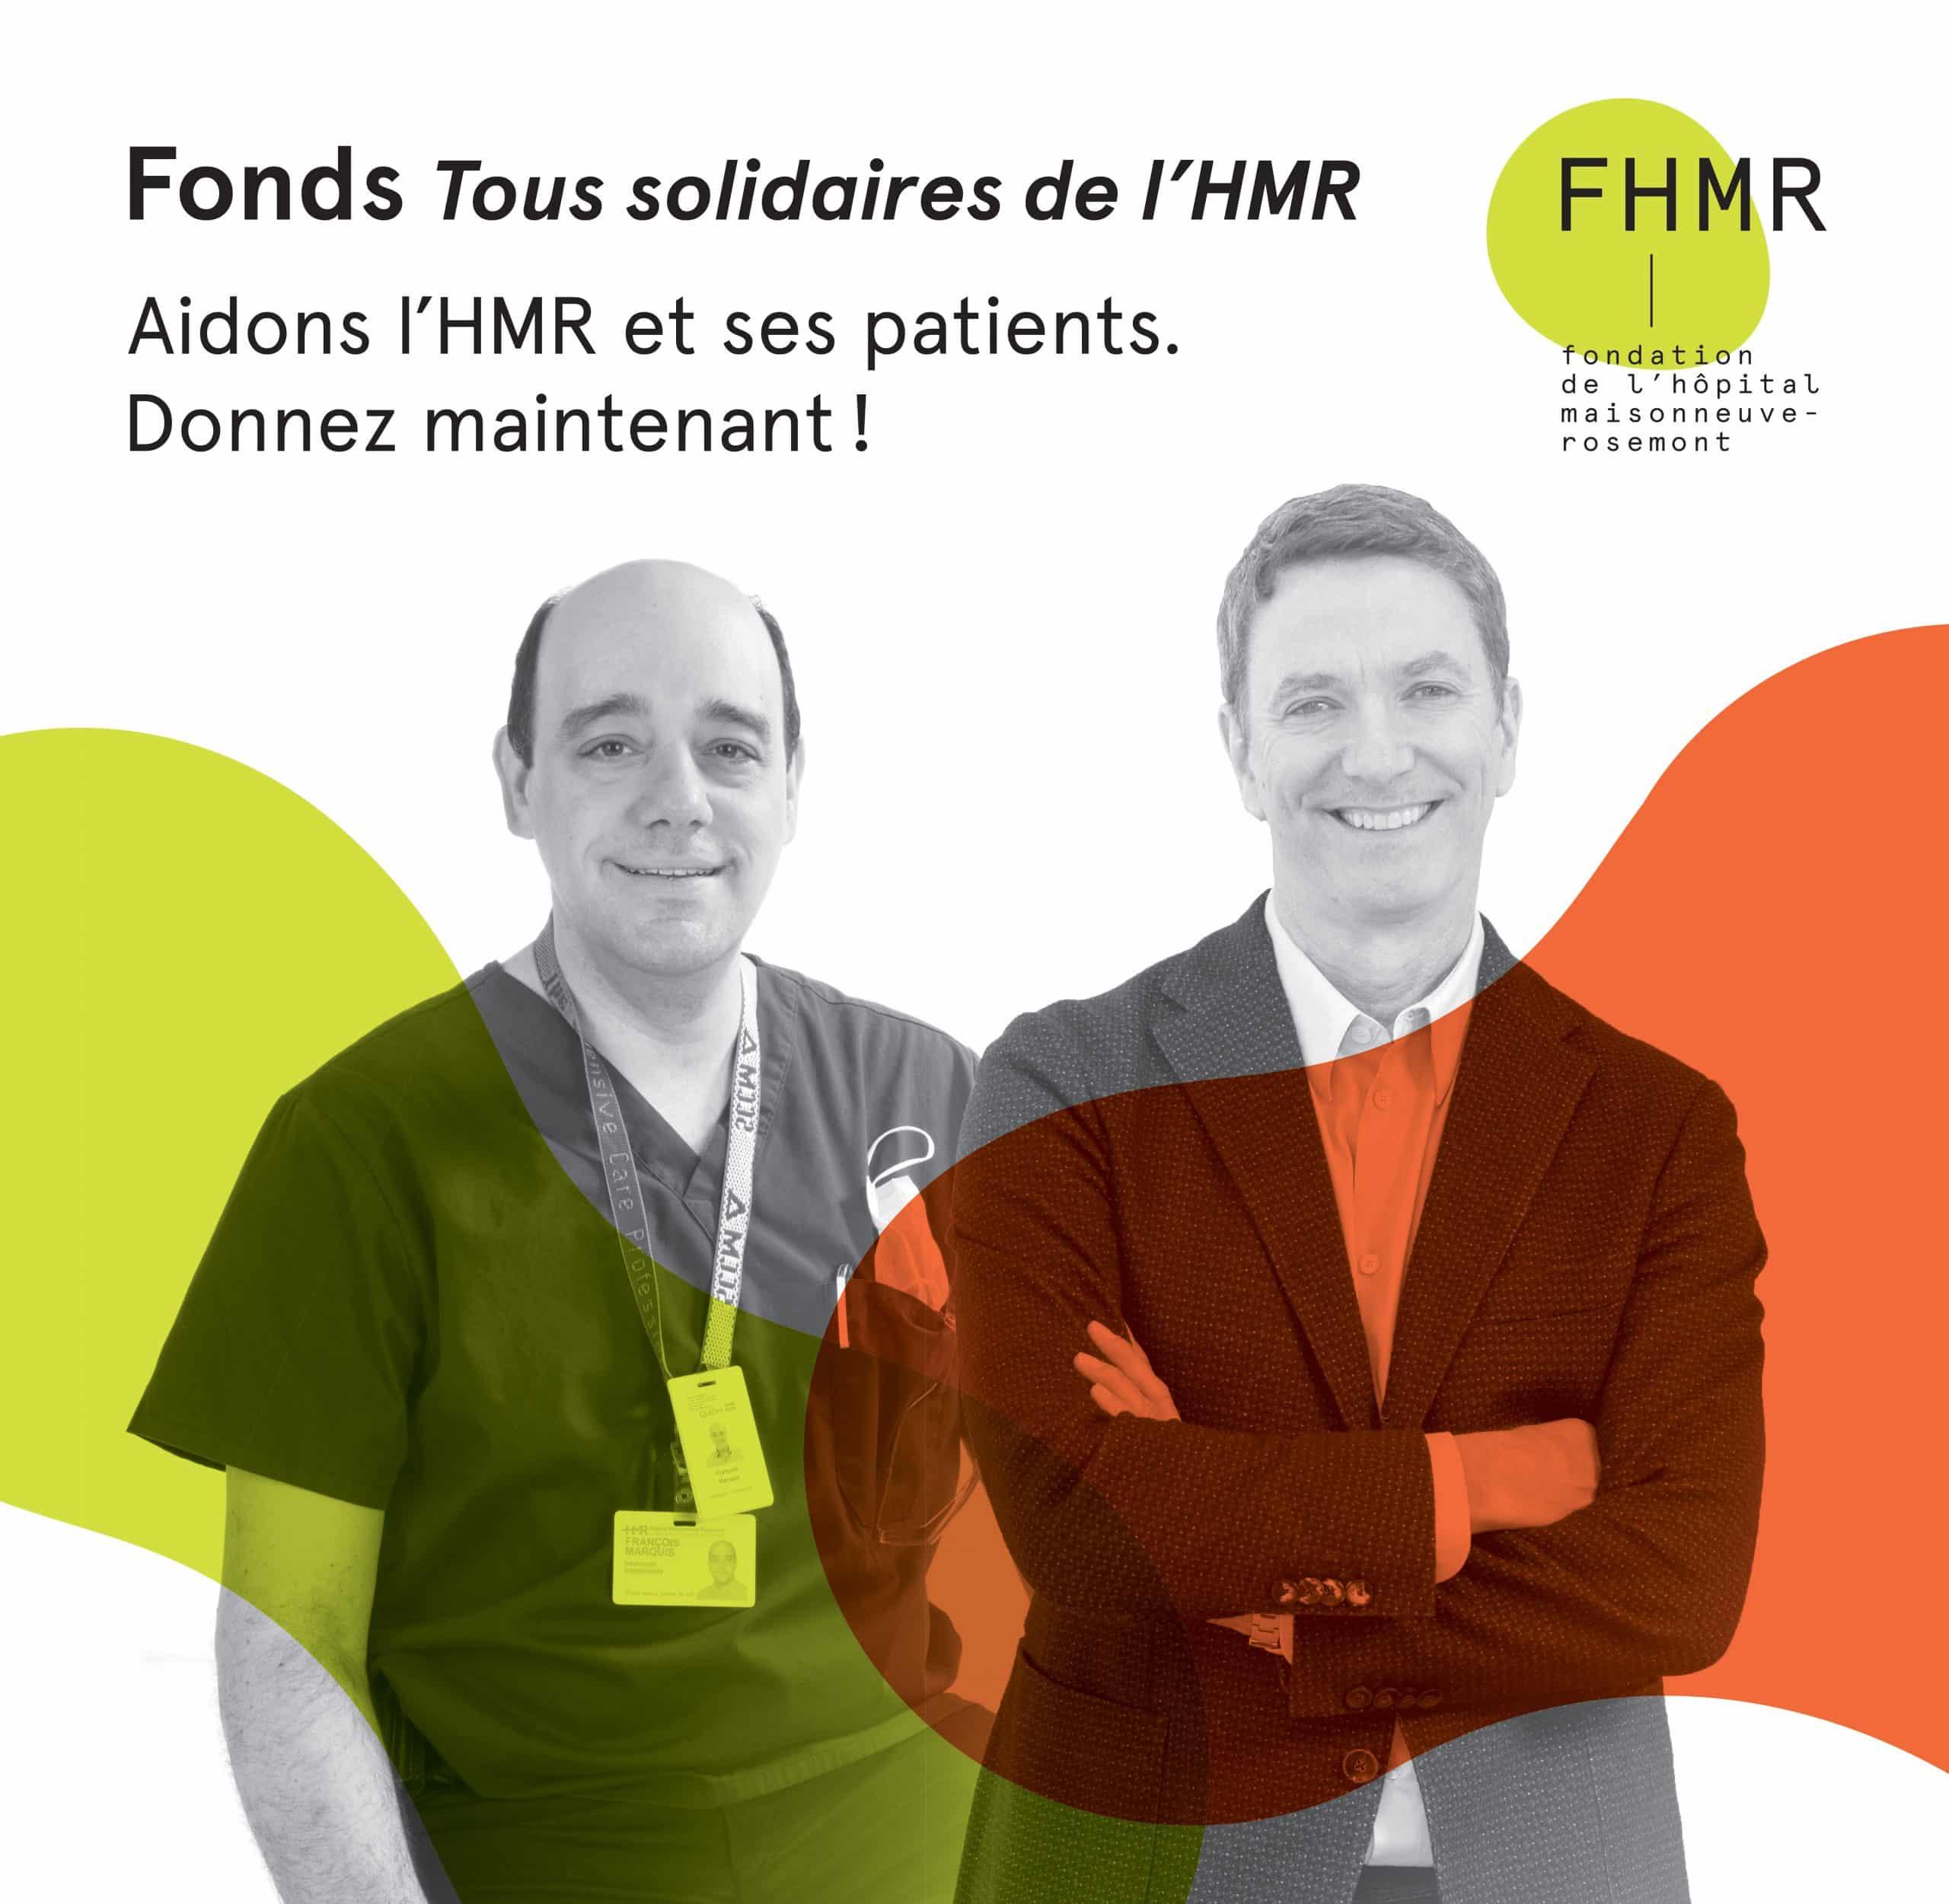 Le Fonds Tous solidaires de l'HMR - Dr François Marquis et Patrice L'Écuyer.